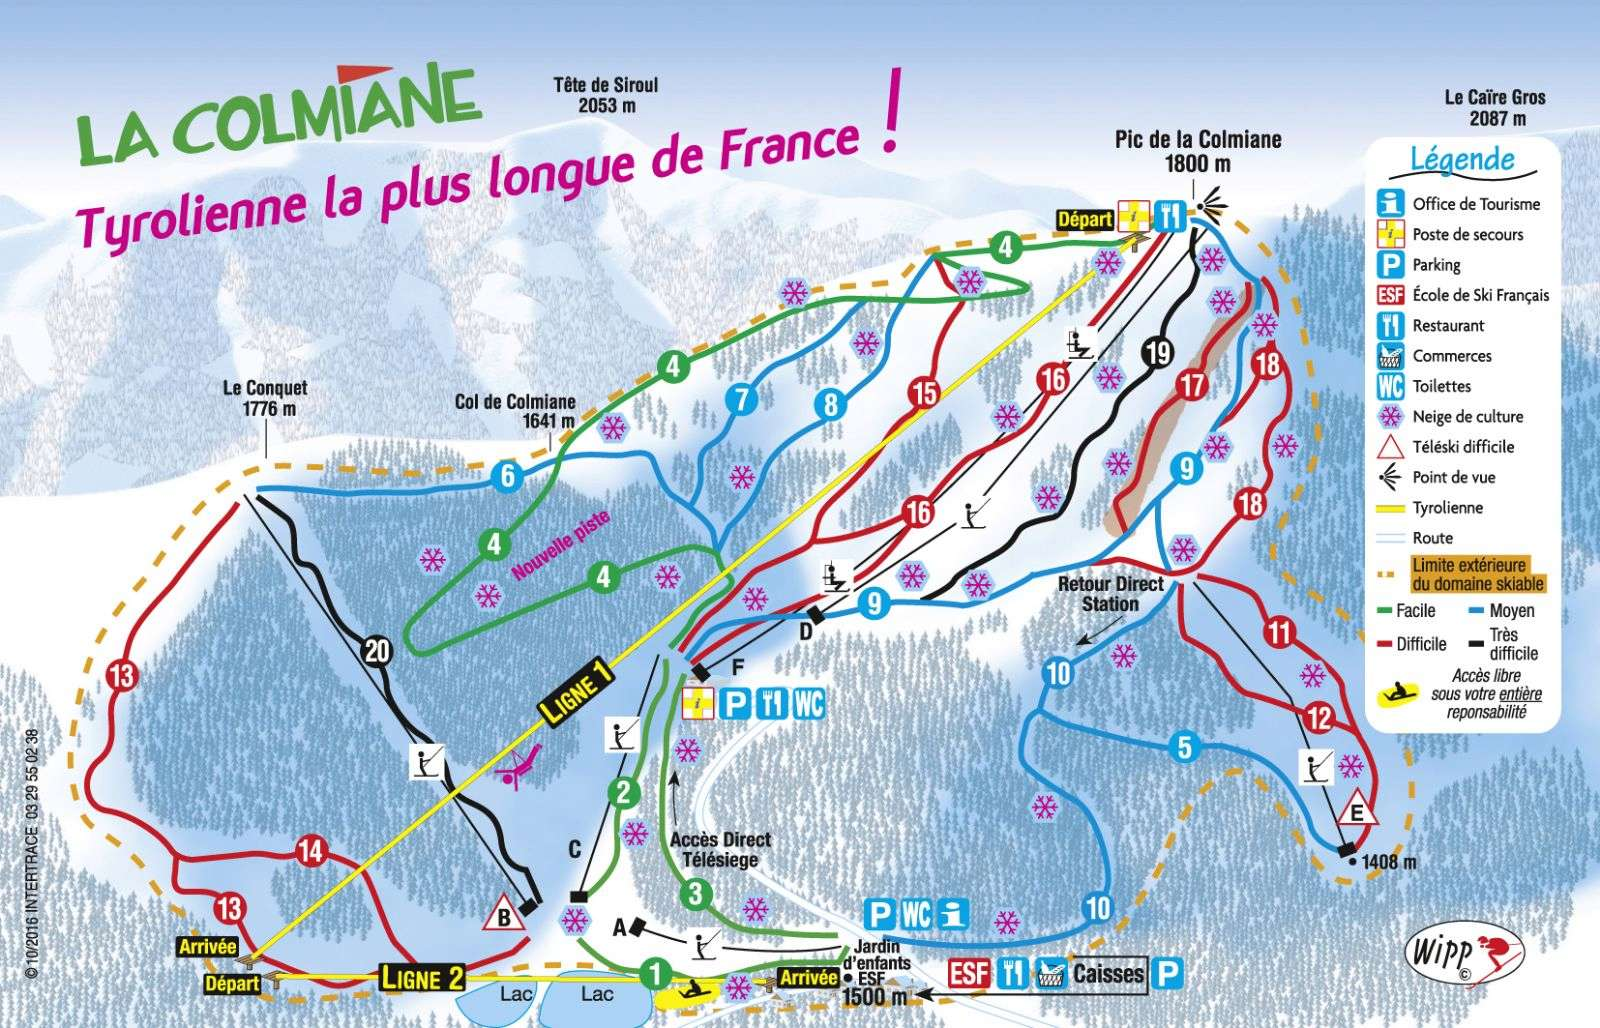 Maginot - La Route des Grandes Alpes - Page 20 Wipp2010